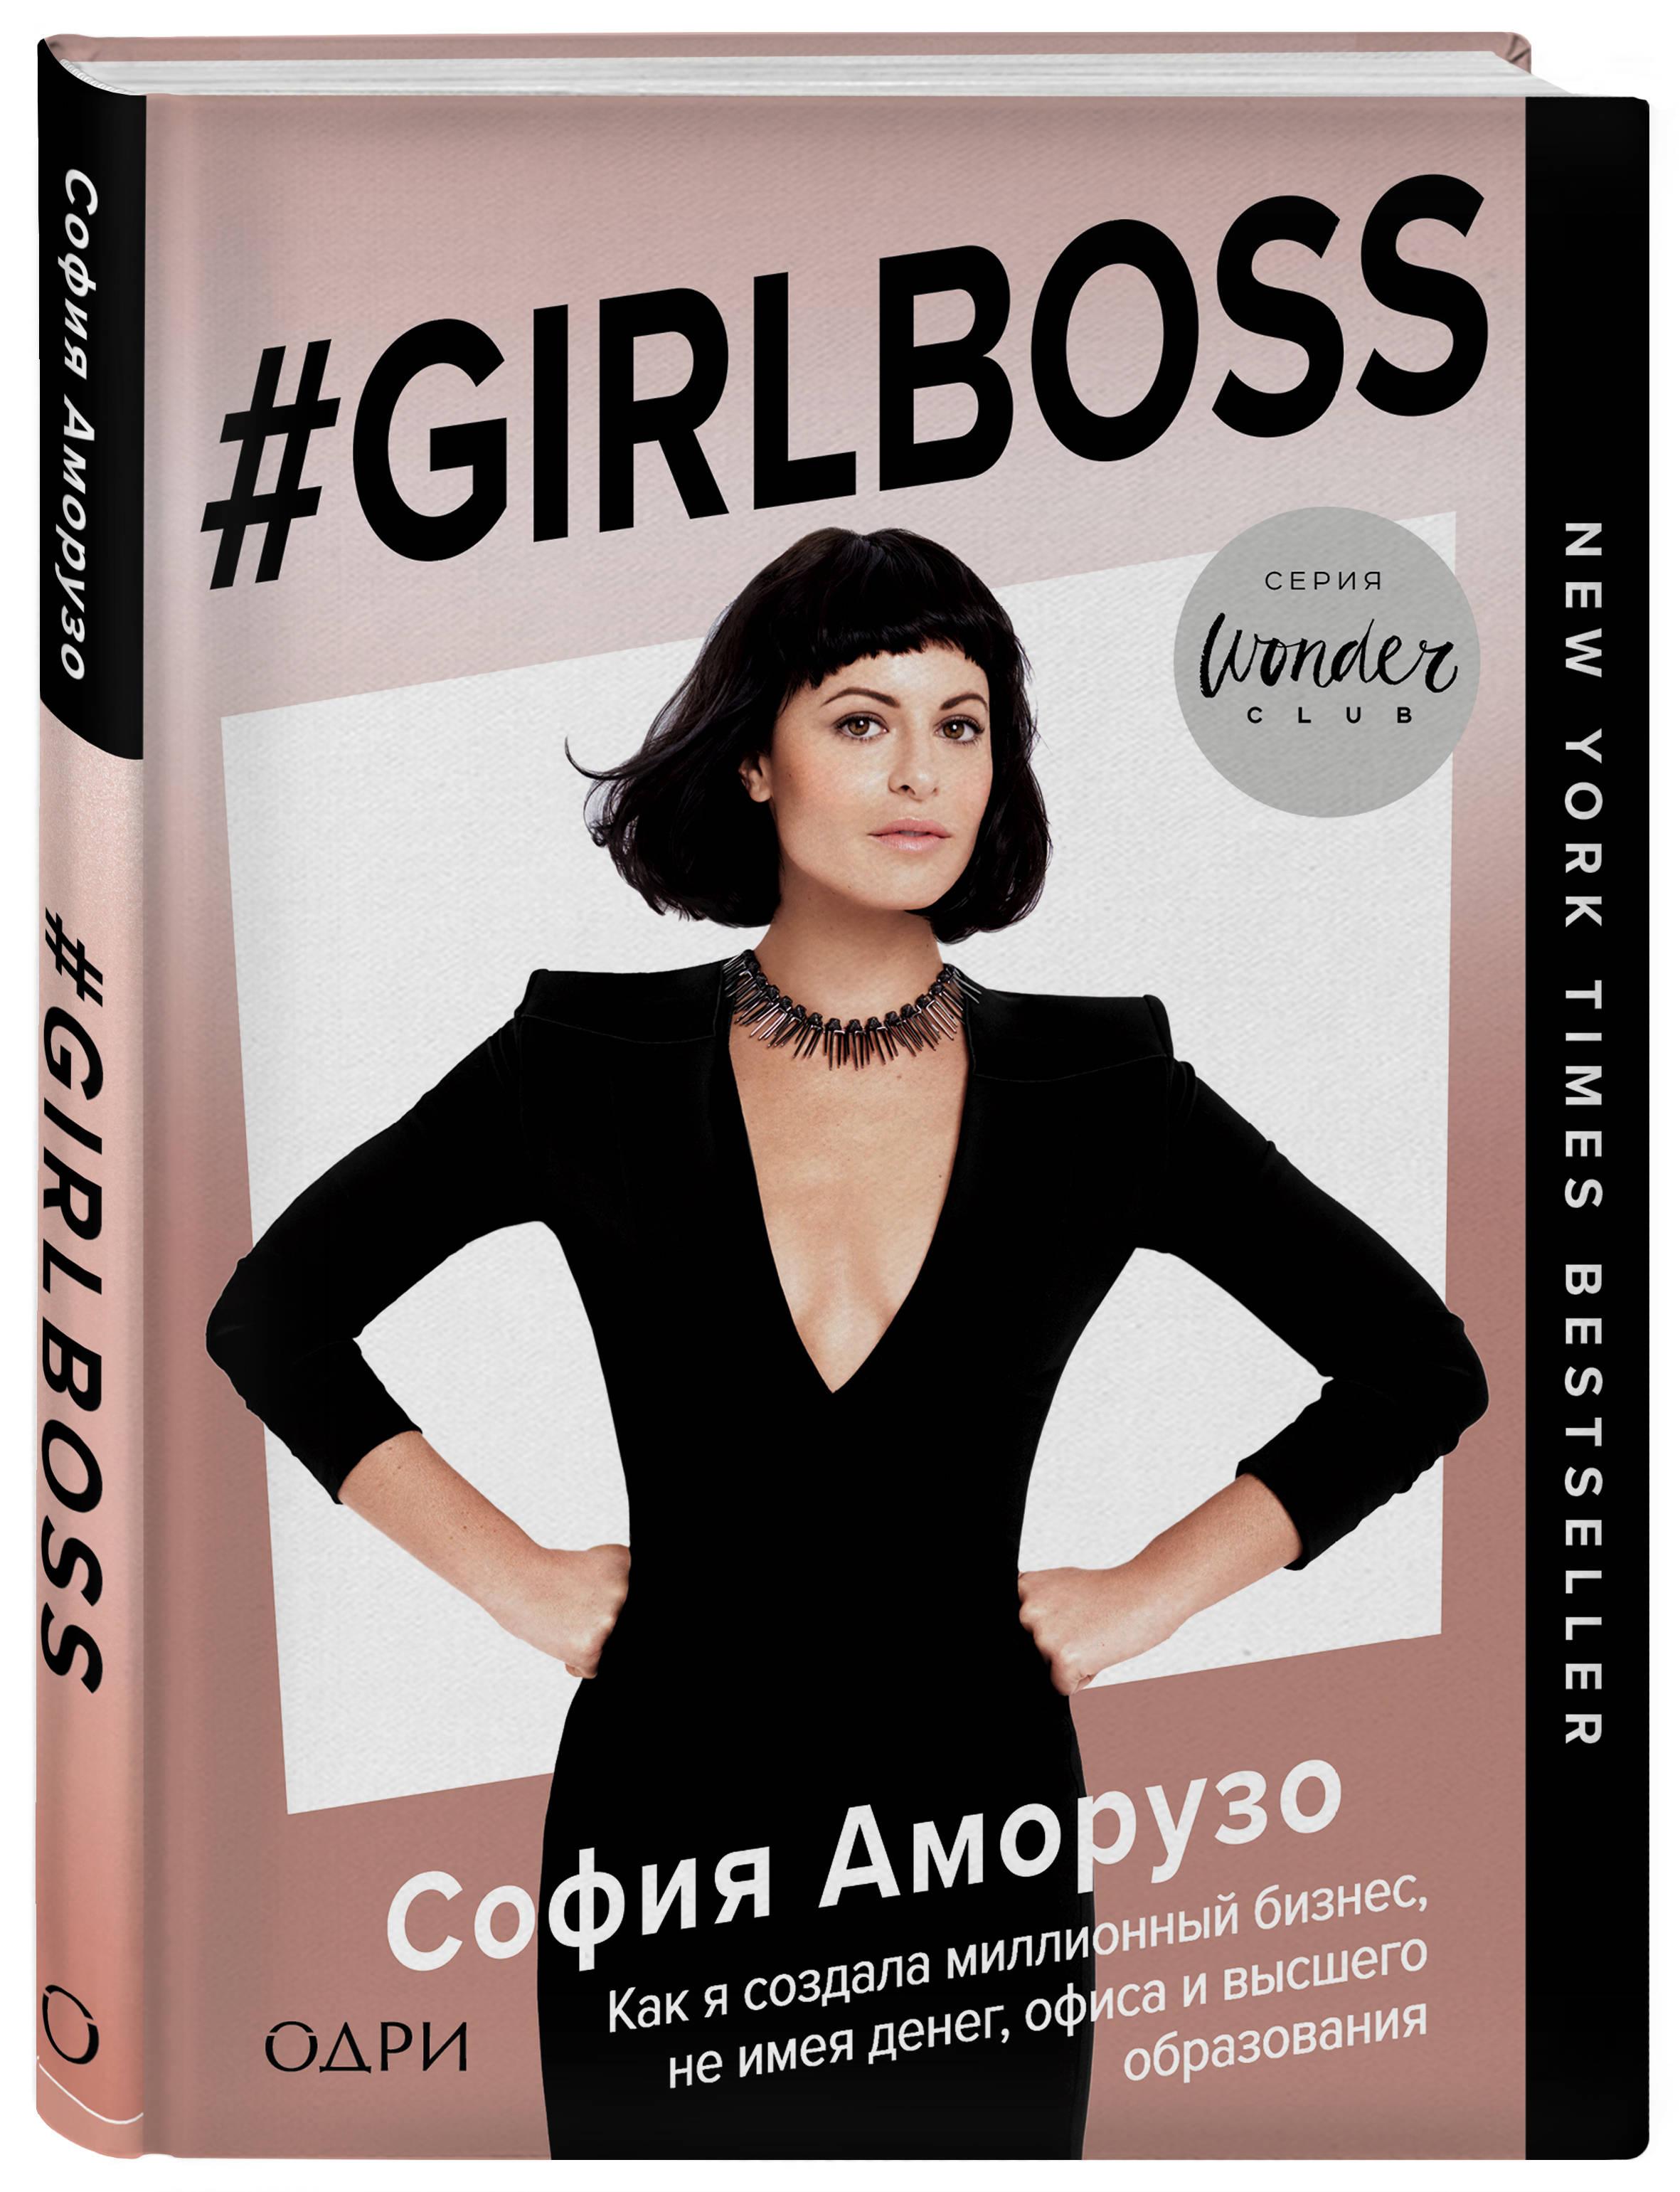 Аморузо С. #Girlboss. Как я создала миллионный бизнес, не имея денег, офиса и высшего образования купить готовый бизнес в кредит в ижевске